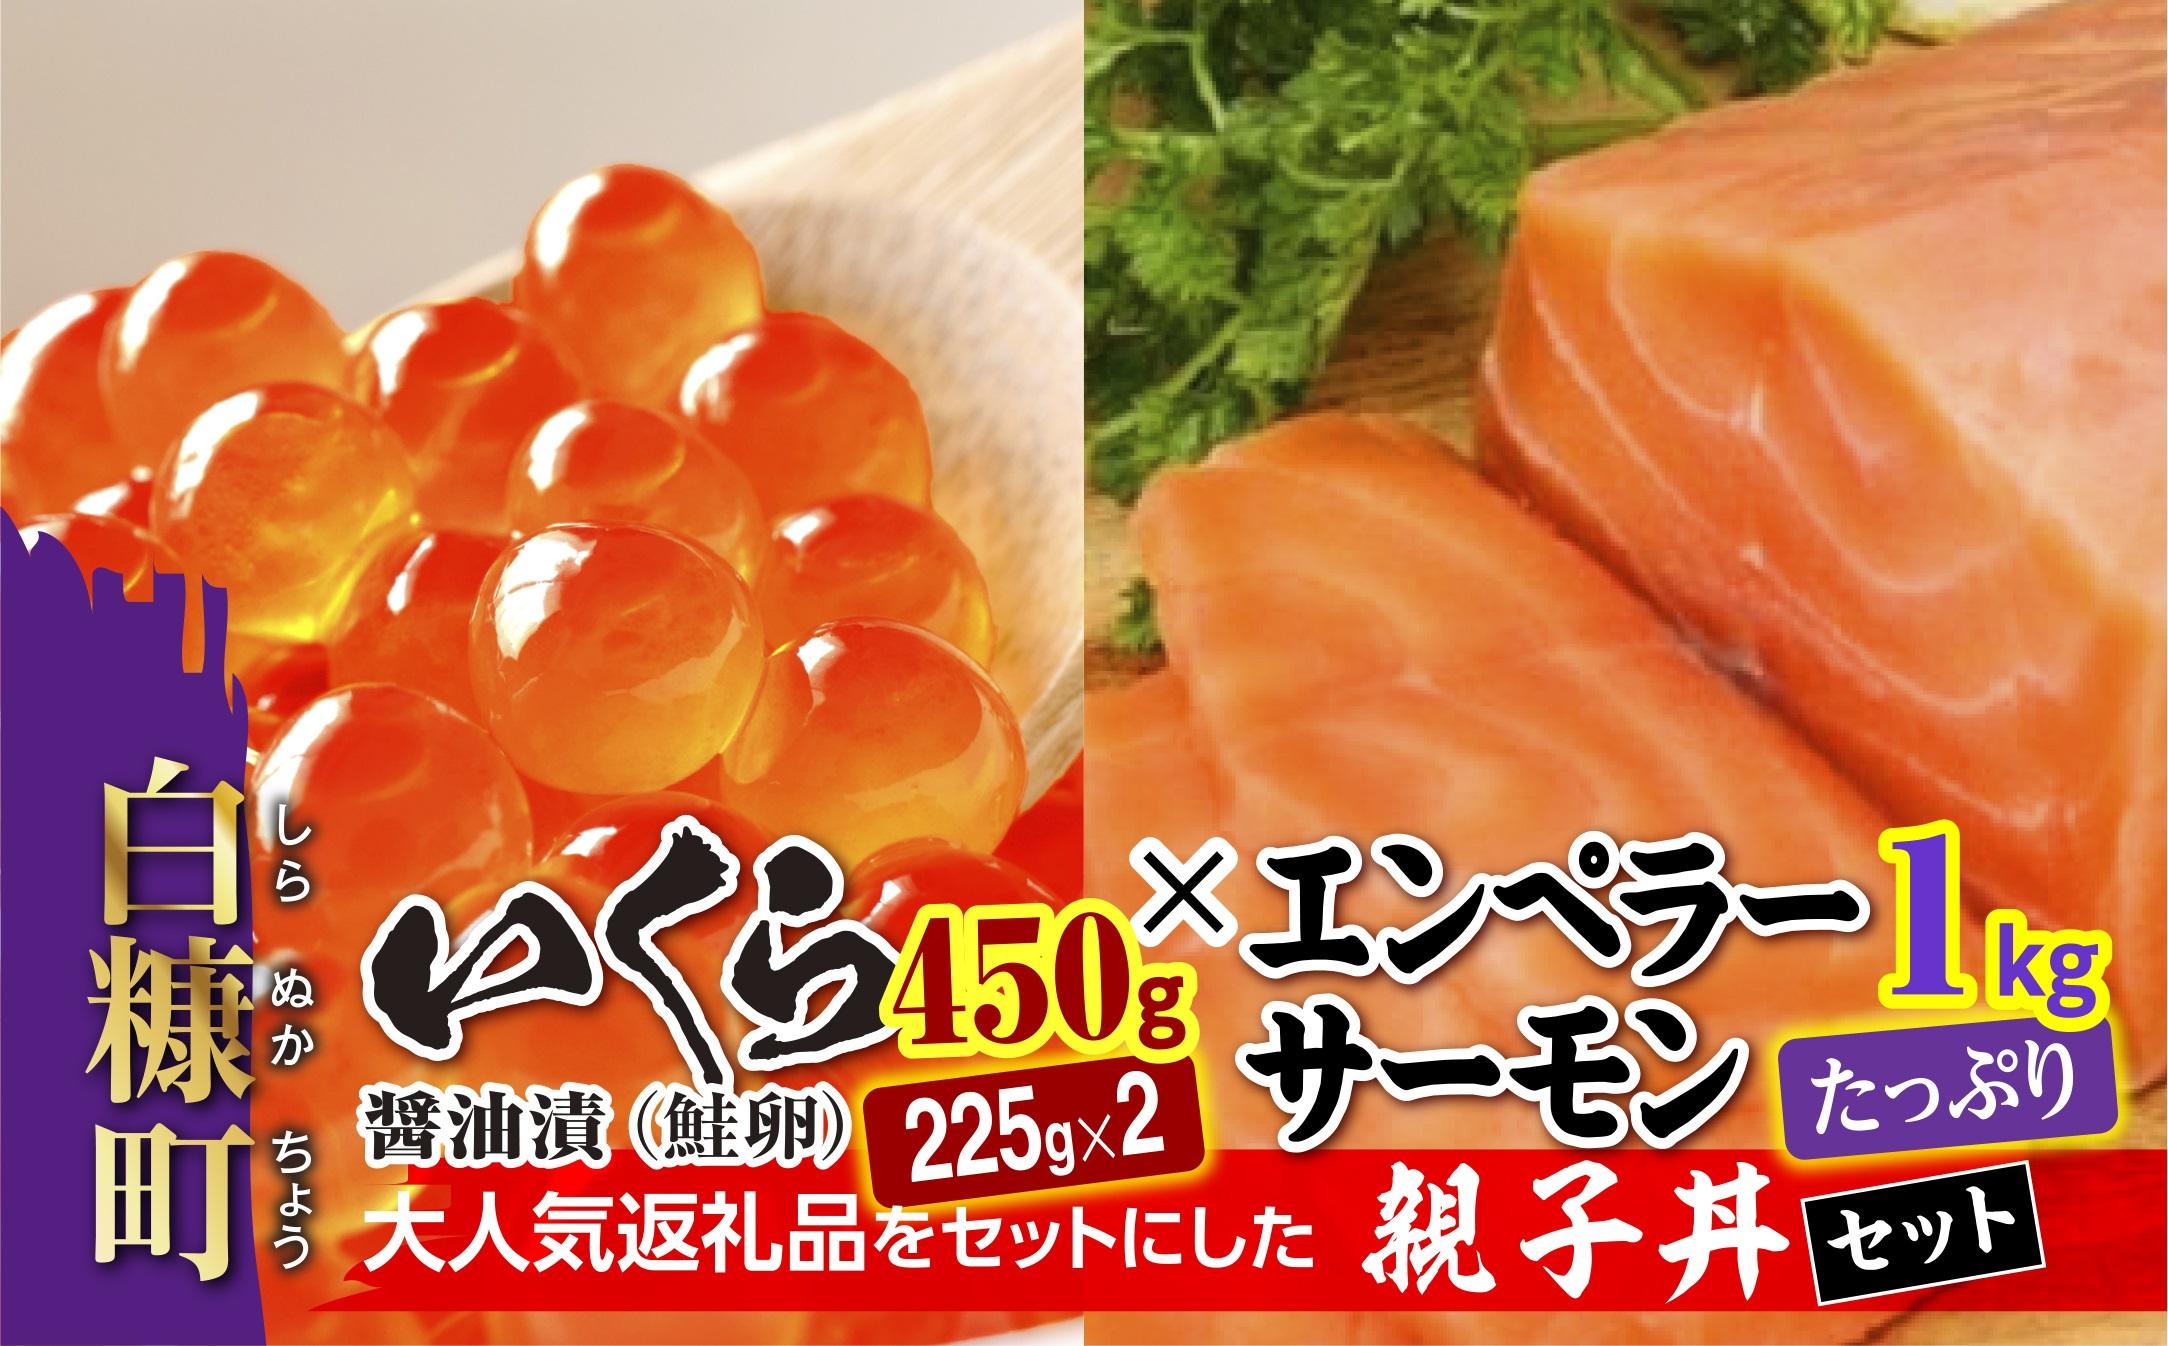 ※11月末までにお届け※大人気★「いくら醤油漬(鮭卵)【450g(225g×2)】」×「エンペラーサーモン【1kg】」の親子丼セット